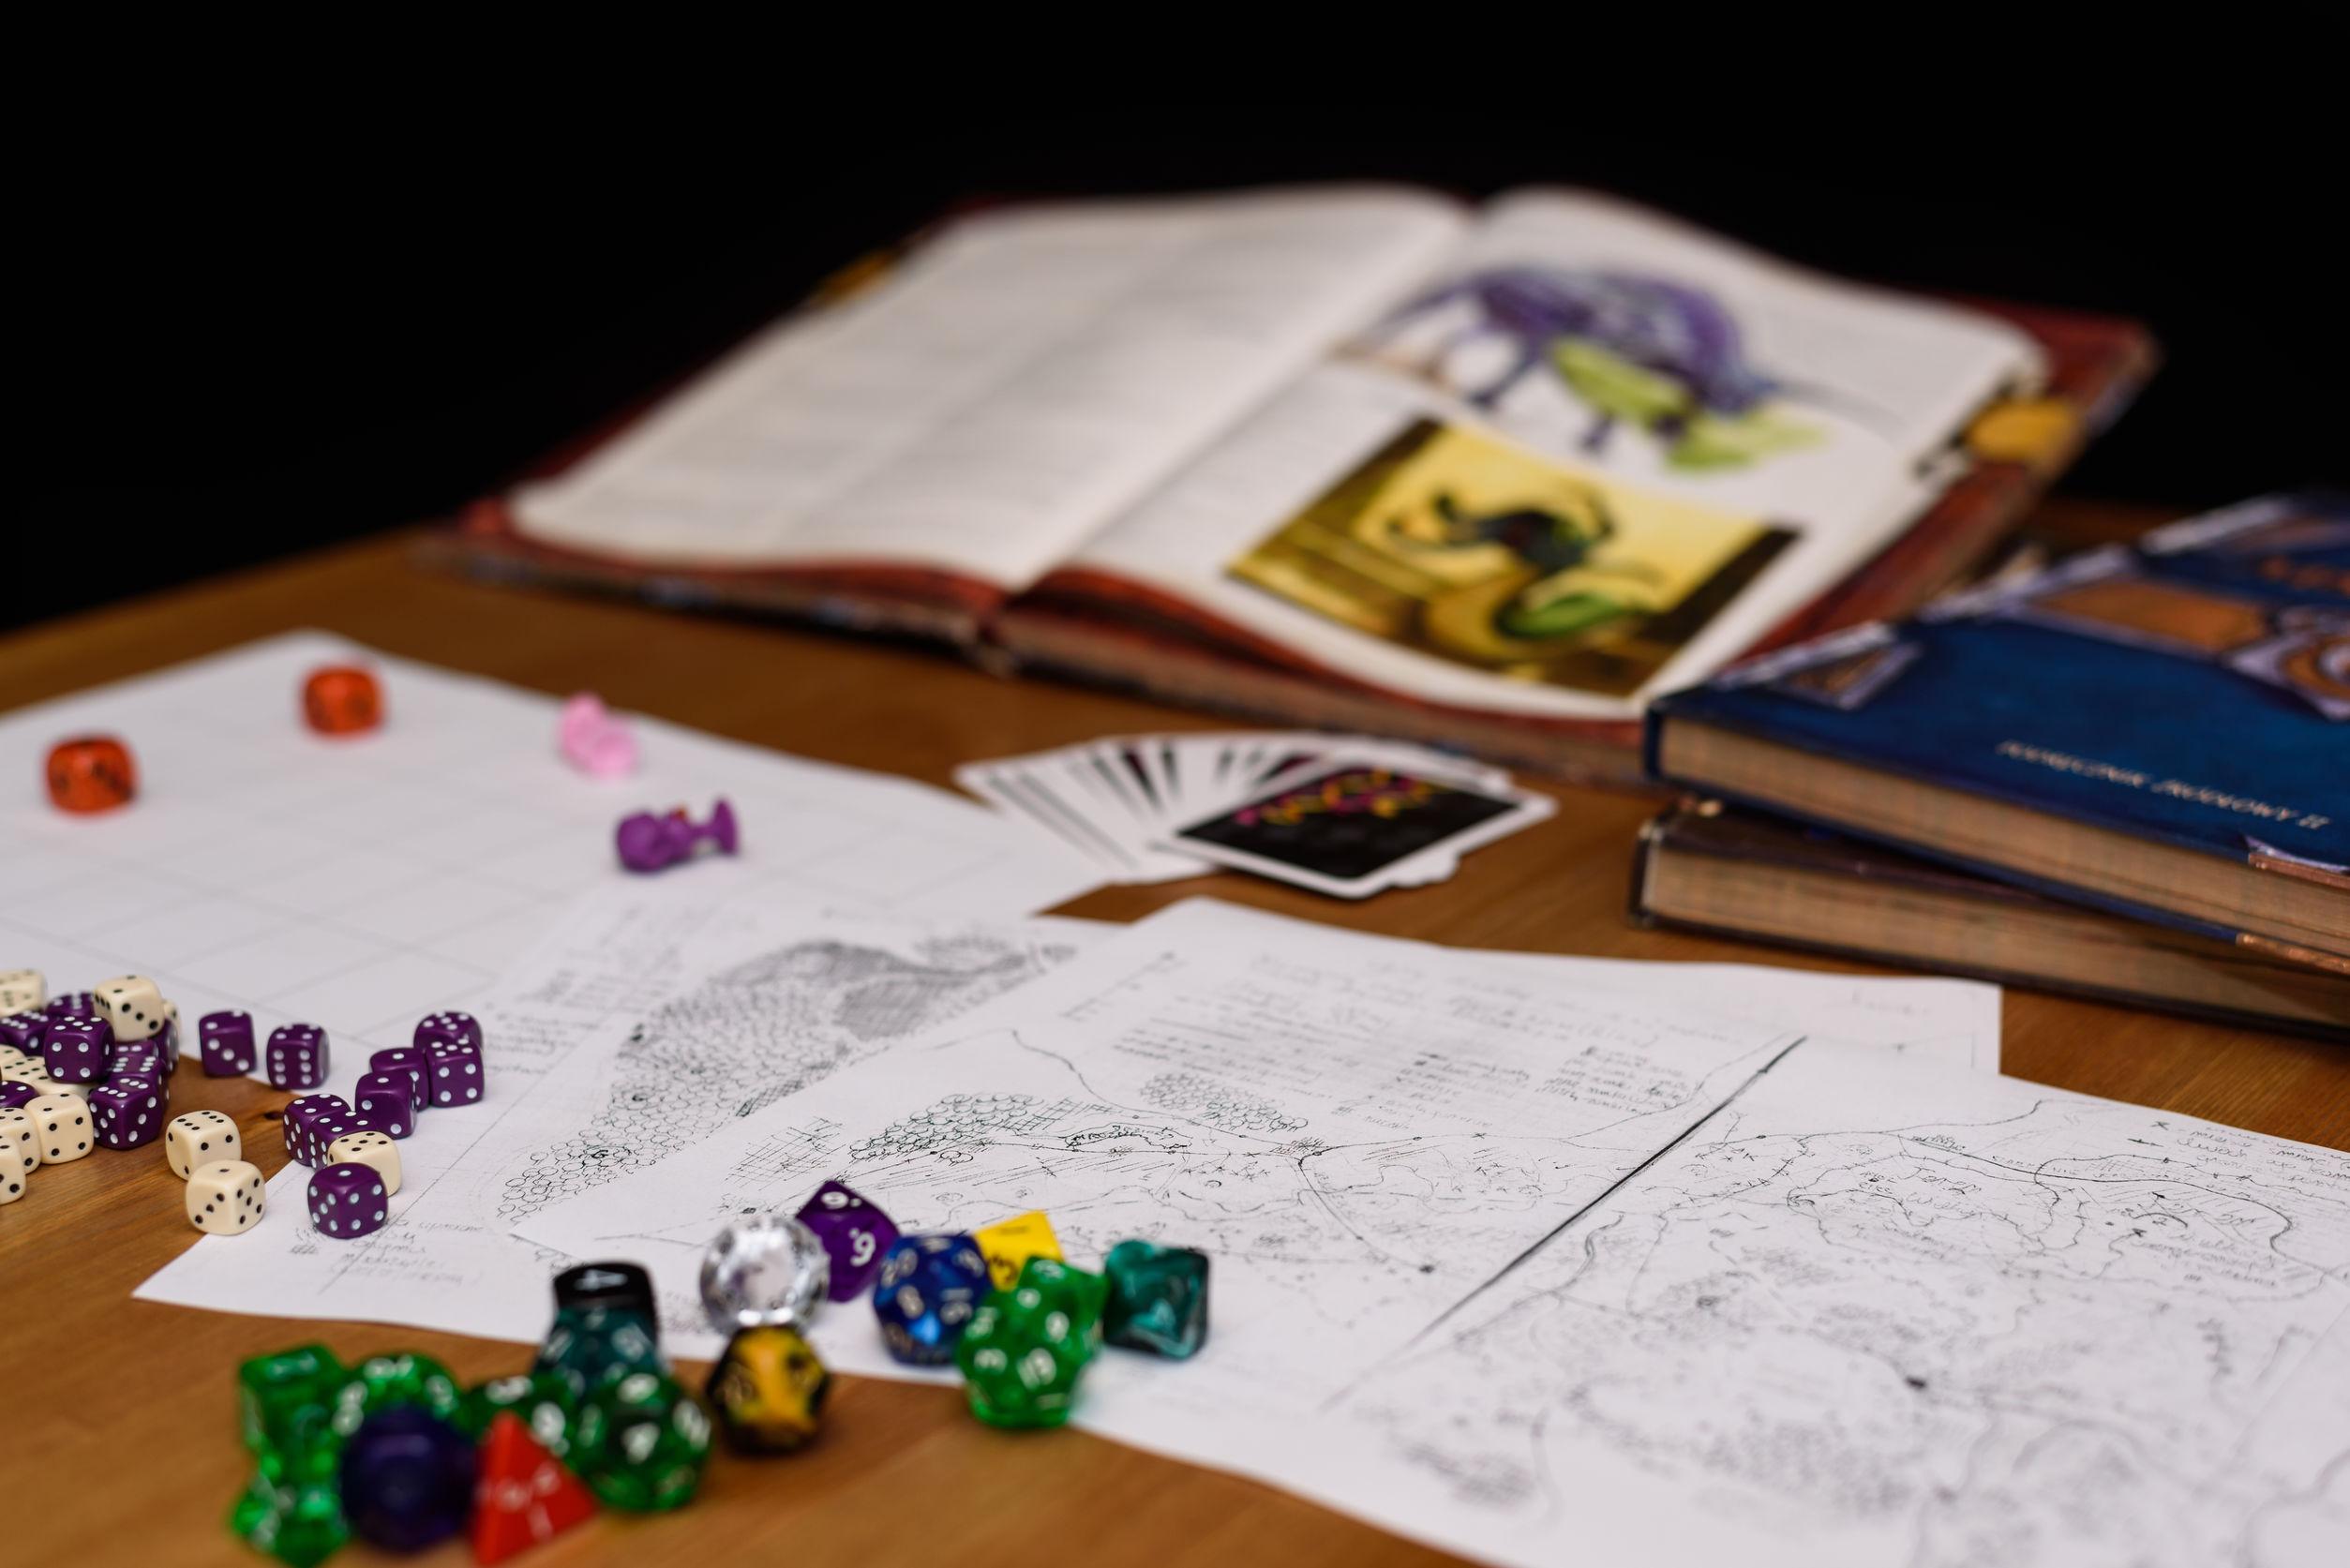 Dados de RPG, fichas de personagens e alguns livros de RPG sobre uma mesa.